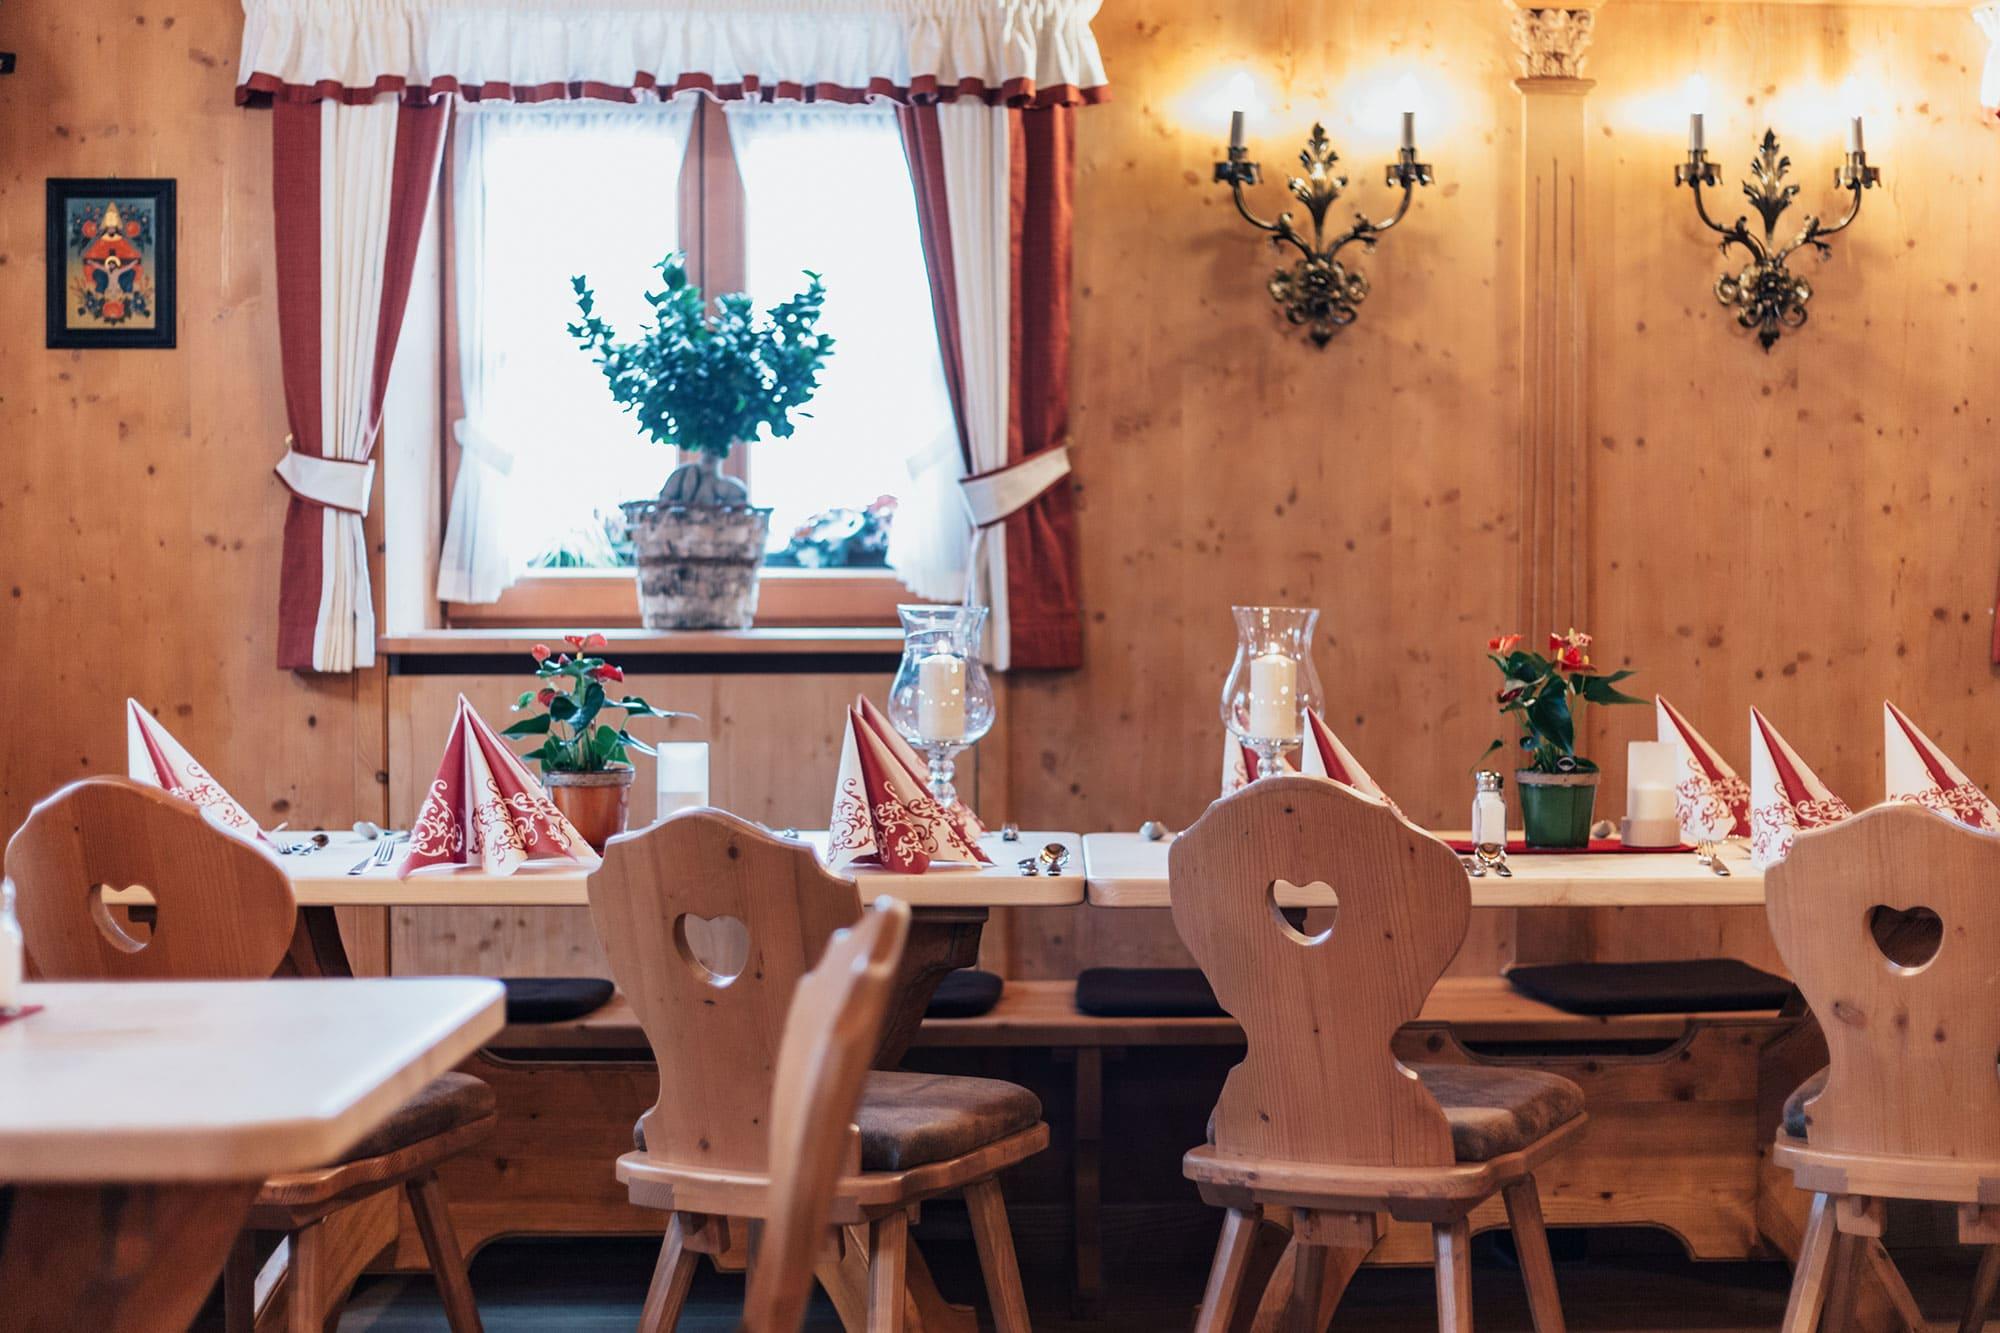 Gasthaus Erdinger - Muenchen - Bilder - Bauern Stube 4